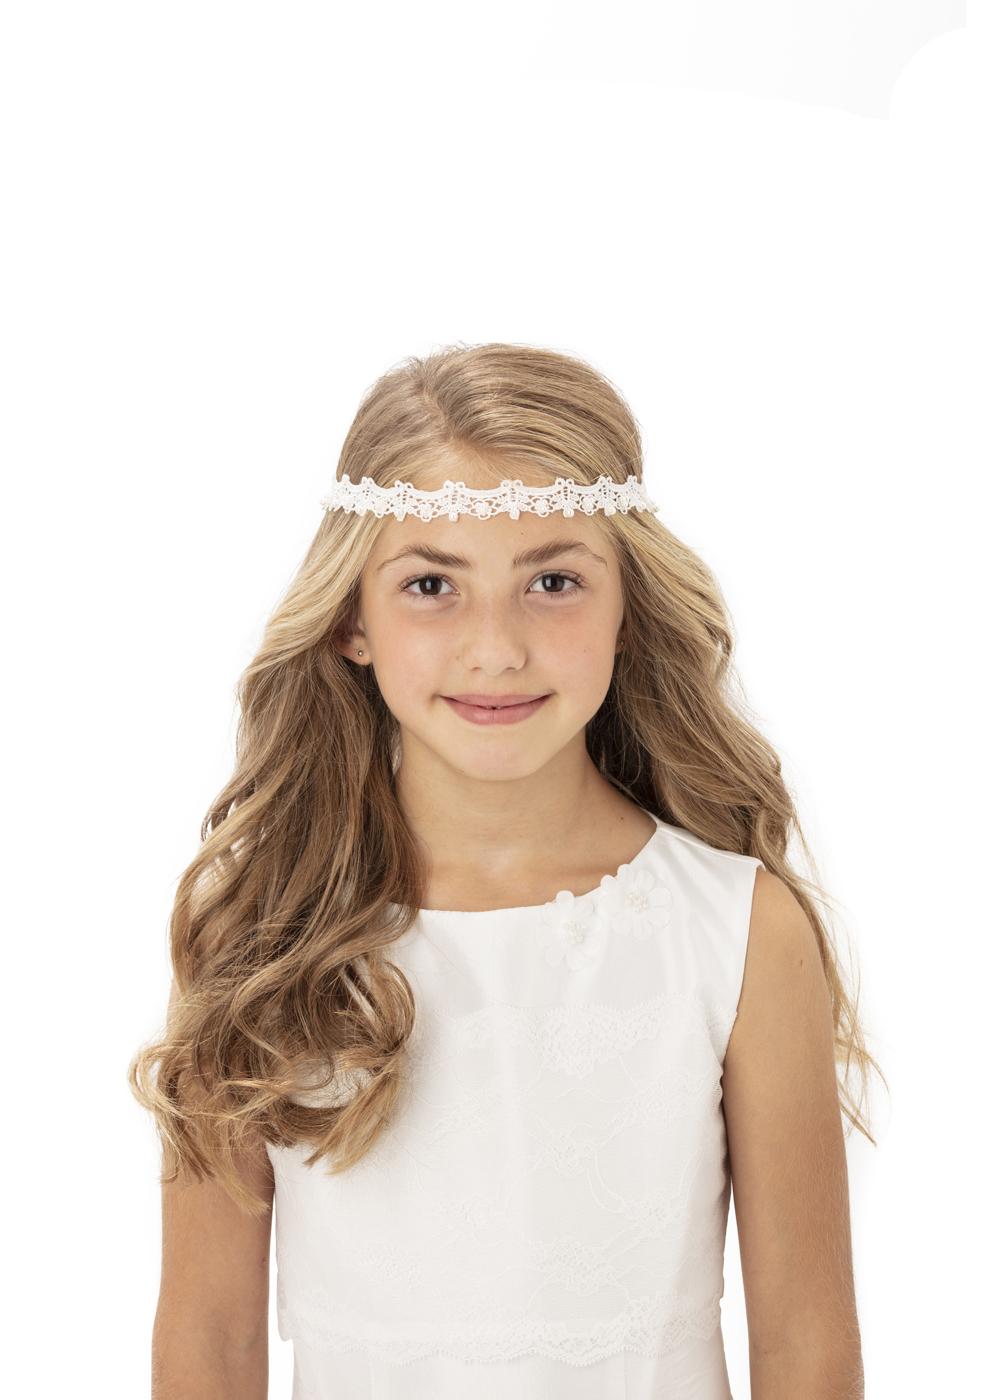 Süßes Stirnband - Kommunion Accessoires für Mädchen - Haarschmuck 257625 009 02